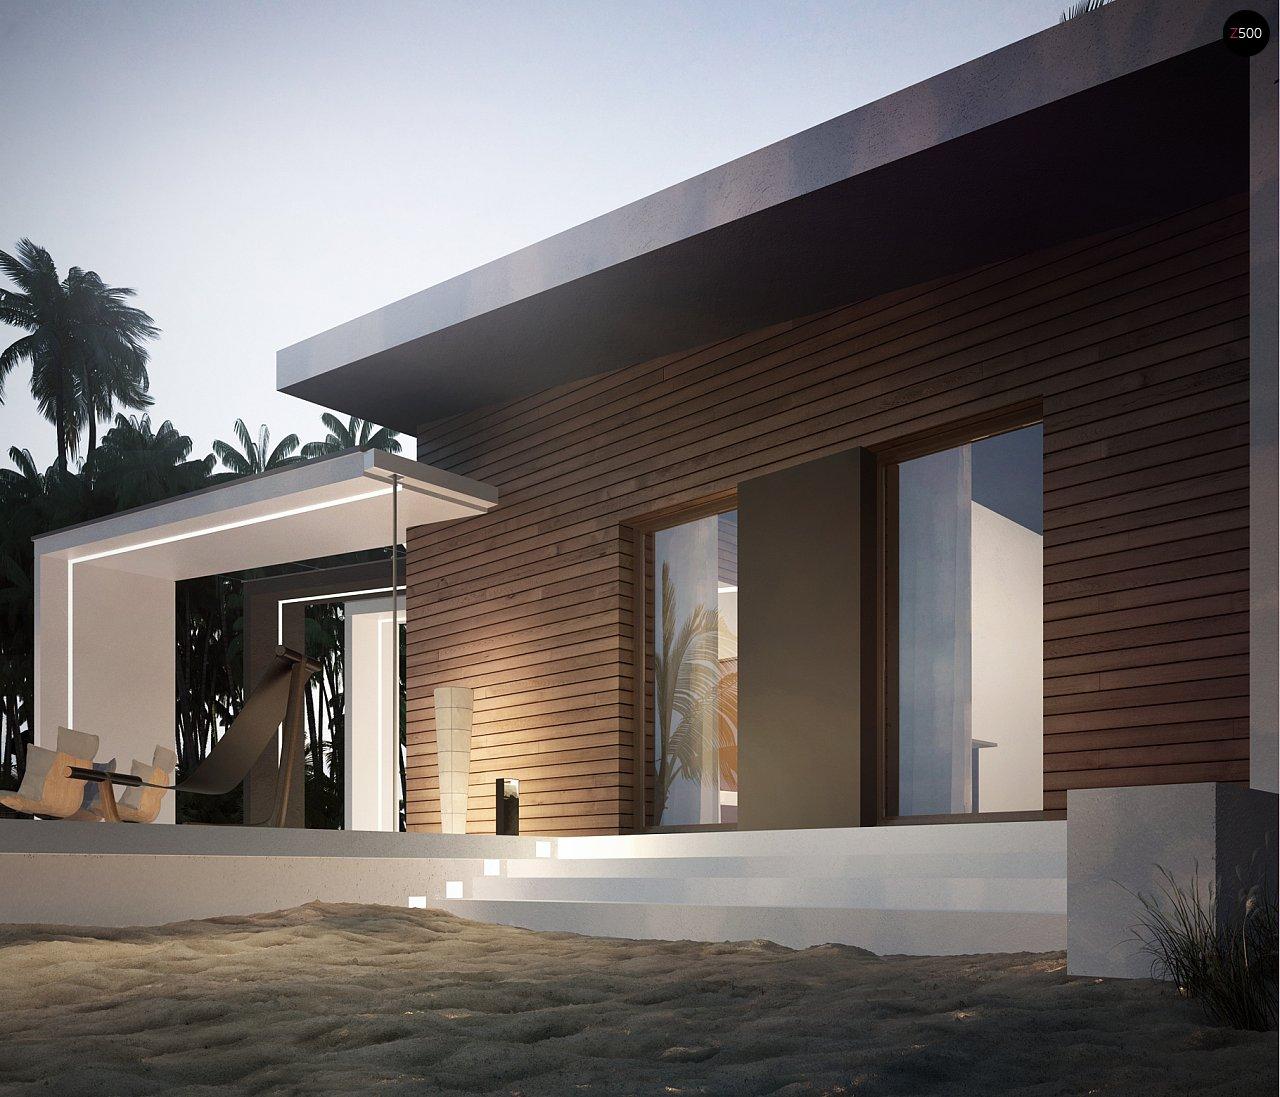 Проект современного дома в стиле хай-тек с двумя спальнями. - фото 6